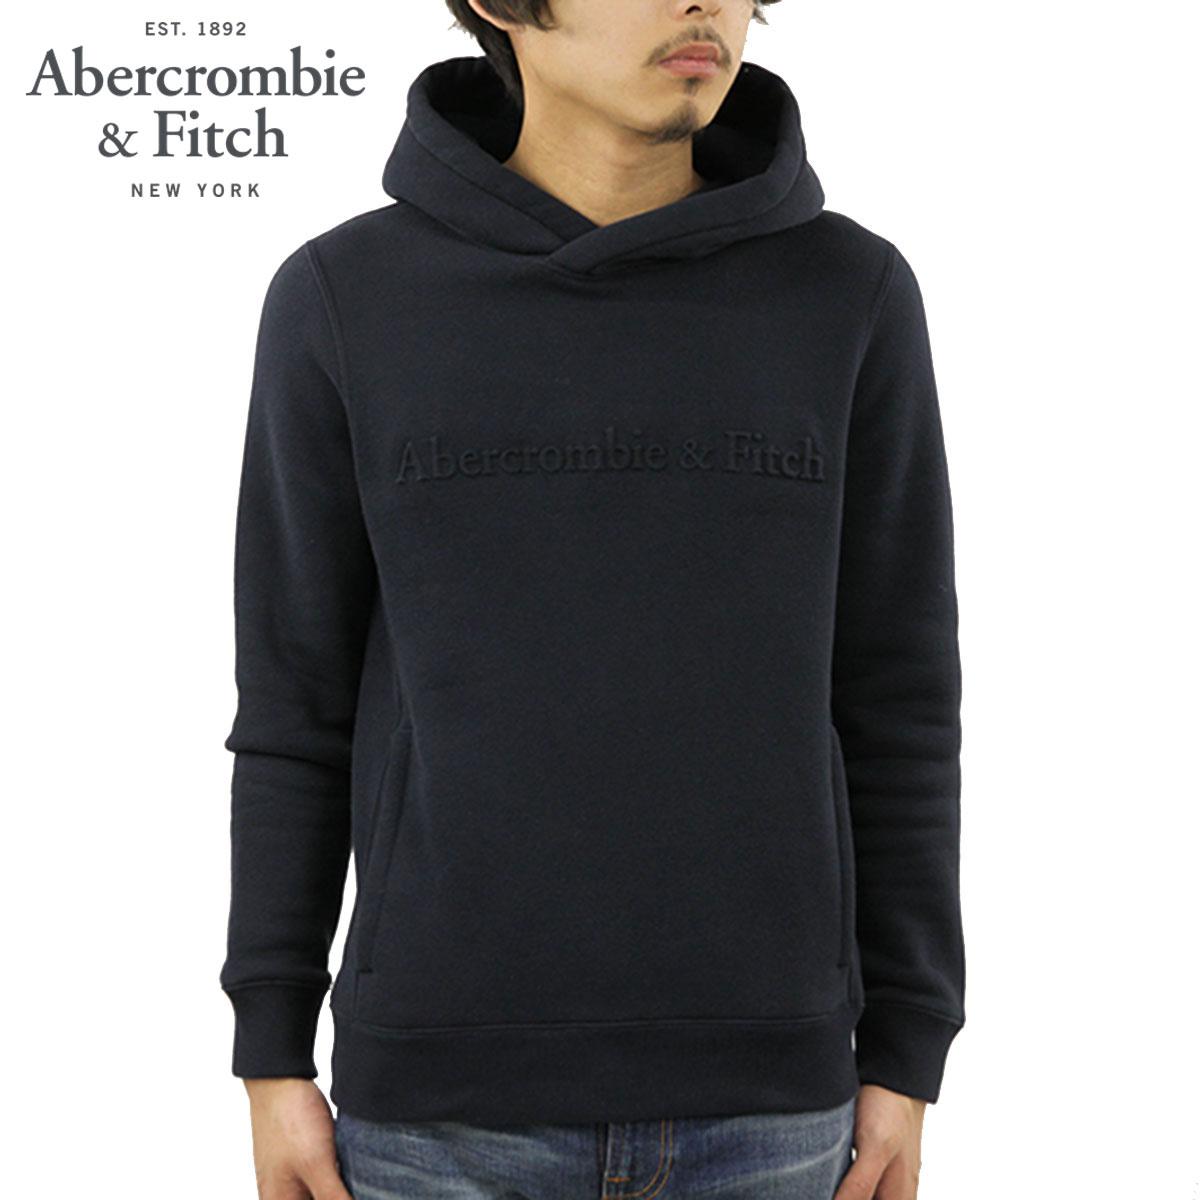 アバクロ パーカー メンズ 正規品 Abercrombie&Fitch プルオーバーパーカー ロゴ THE A&F LOGO PERFECT POPOVER HOODIE 122-231-0895-200